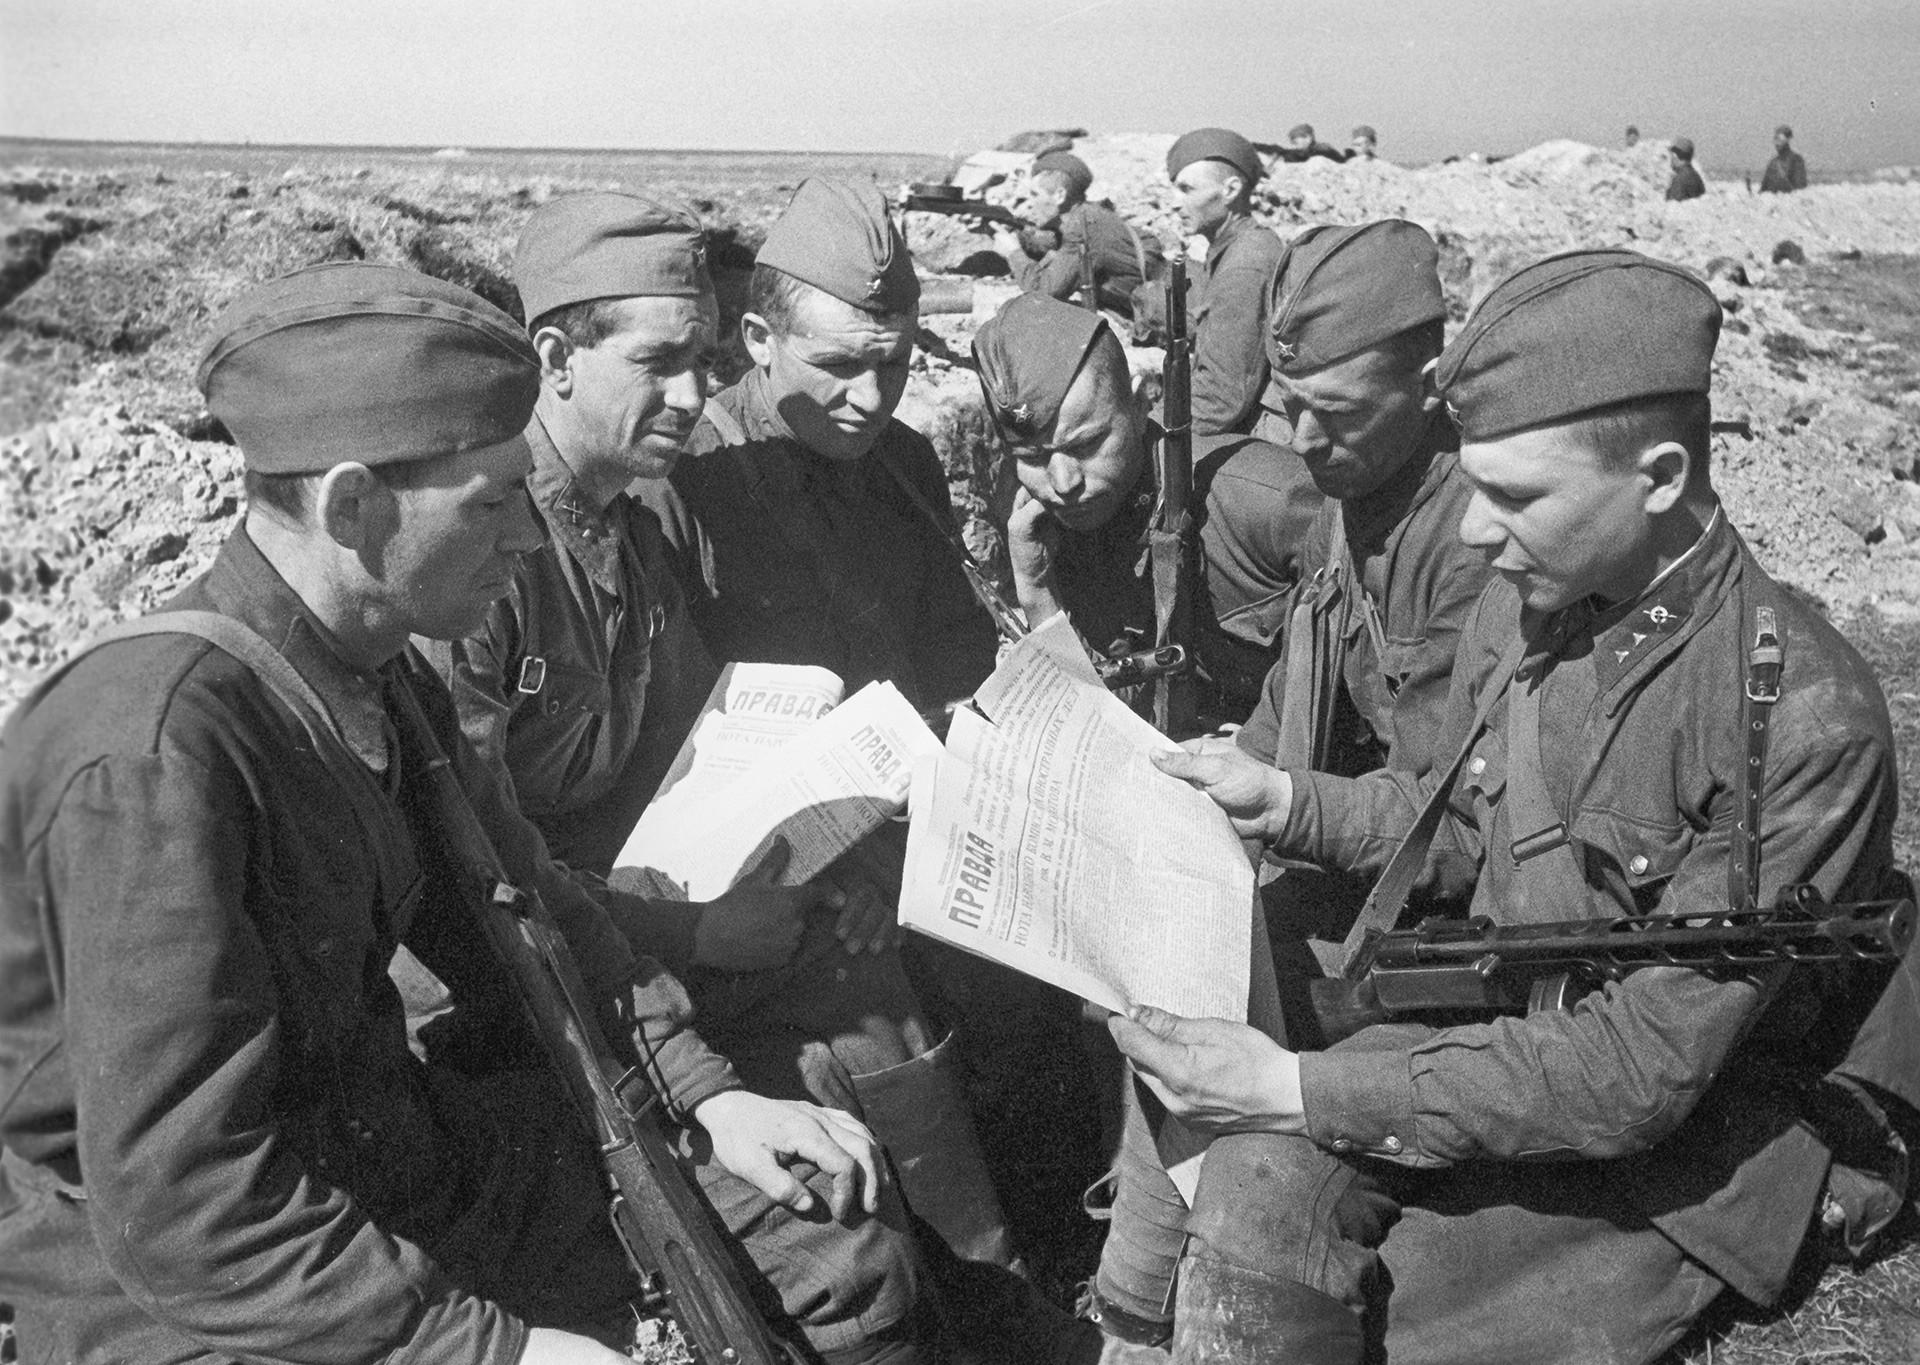 """Црвеноармејци у рововима Лењинградског фронта читају лист """"Правда"""", 1942."""